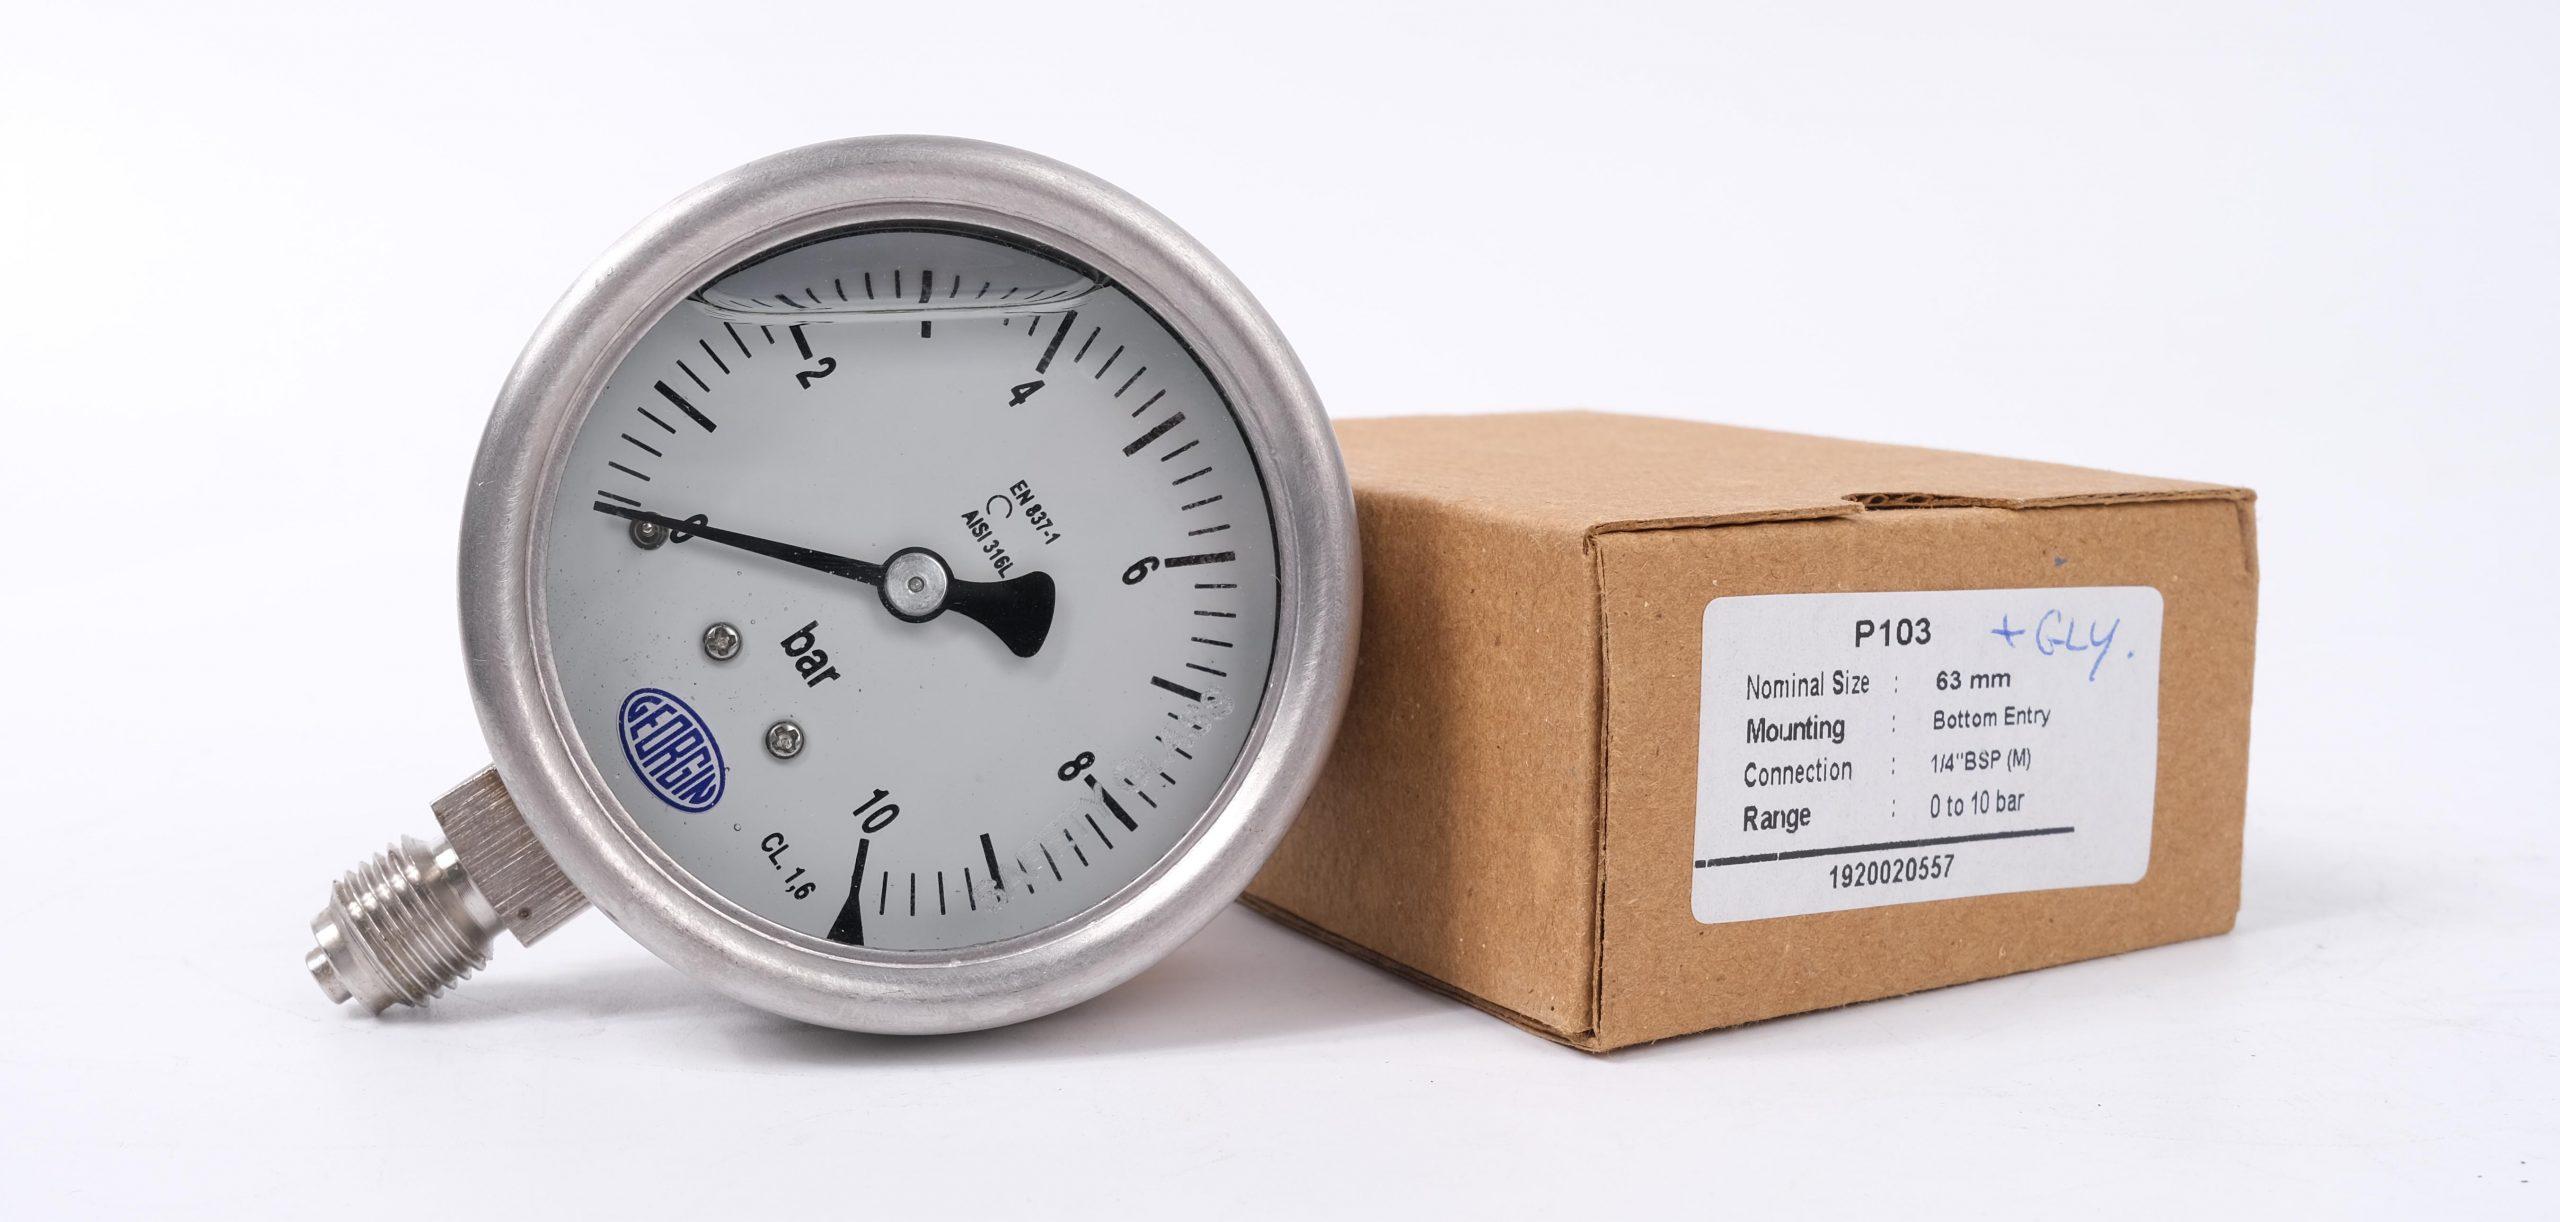 Đồng hồ đo áp suất 0-10 bar M5000 Case 63mm